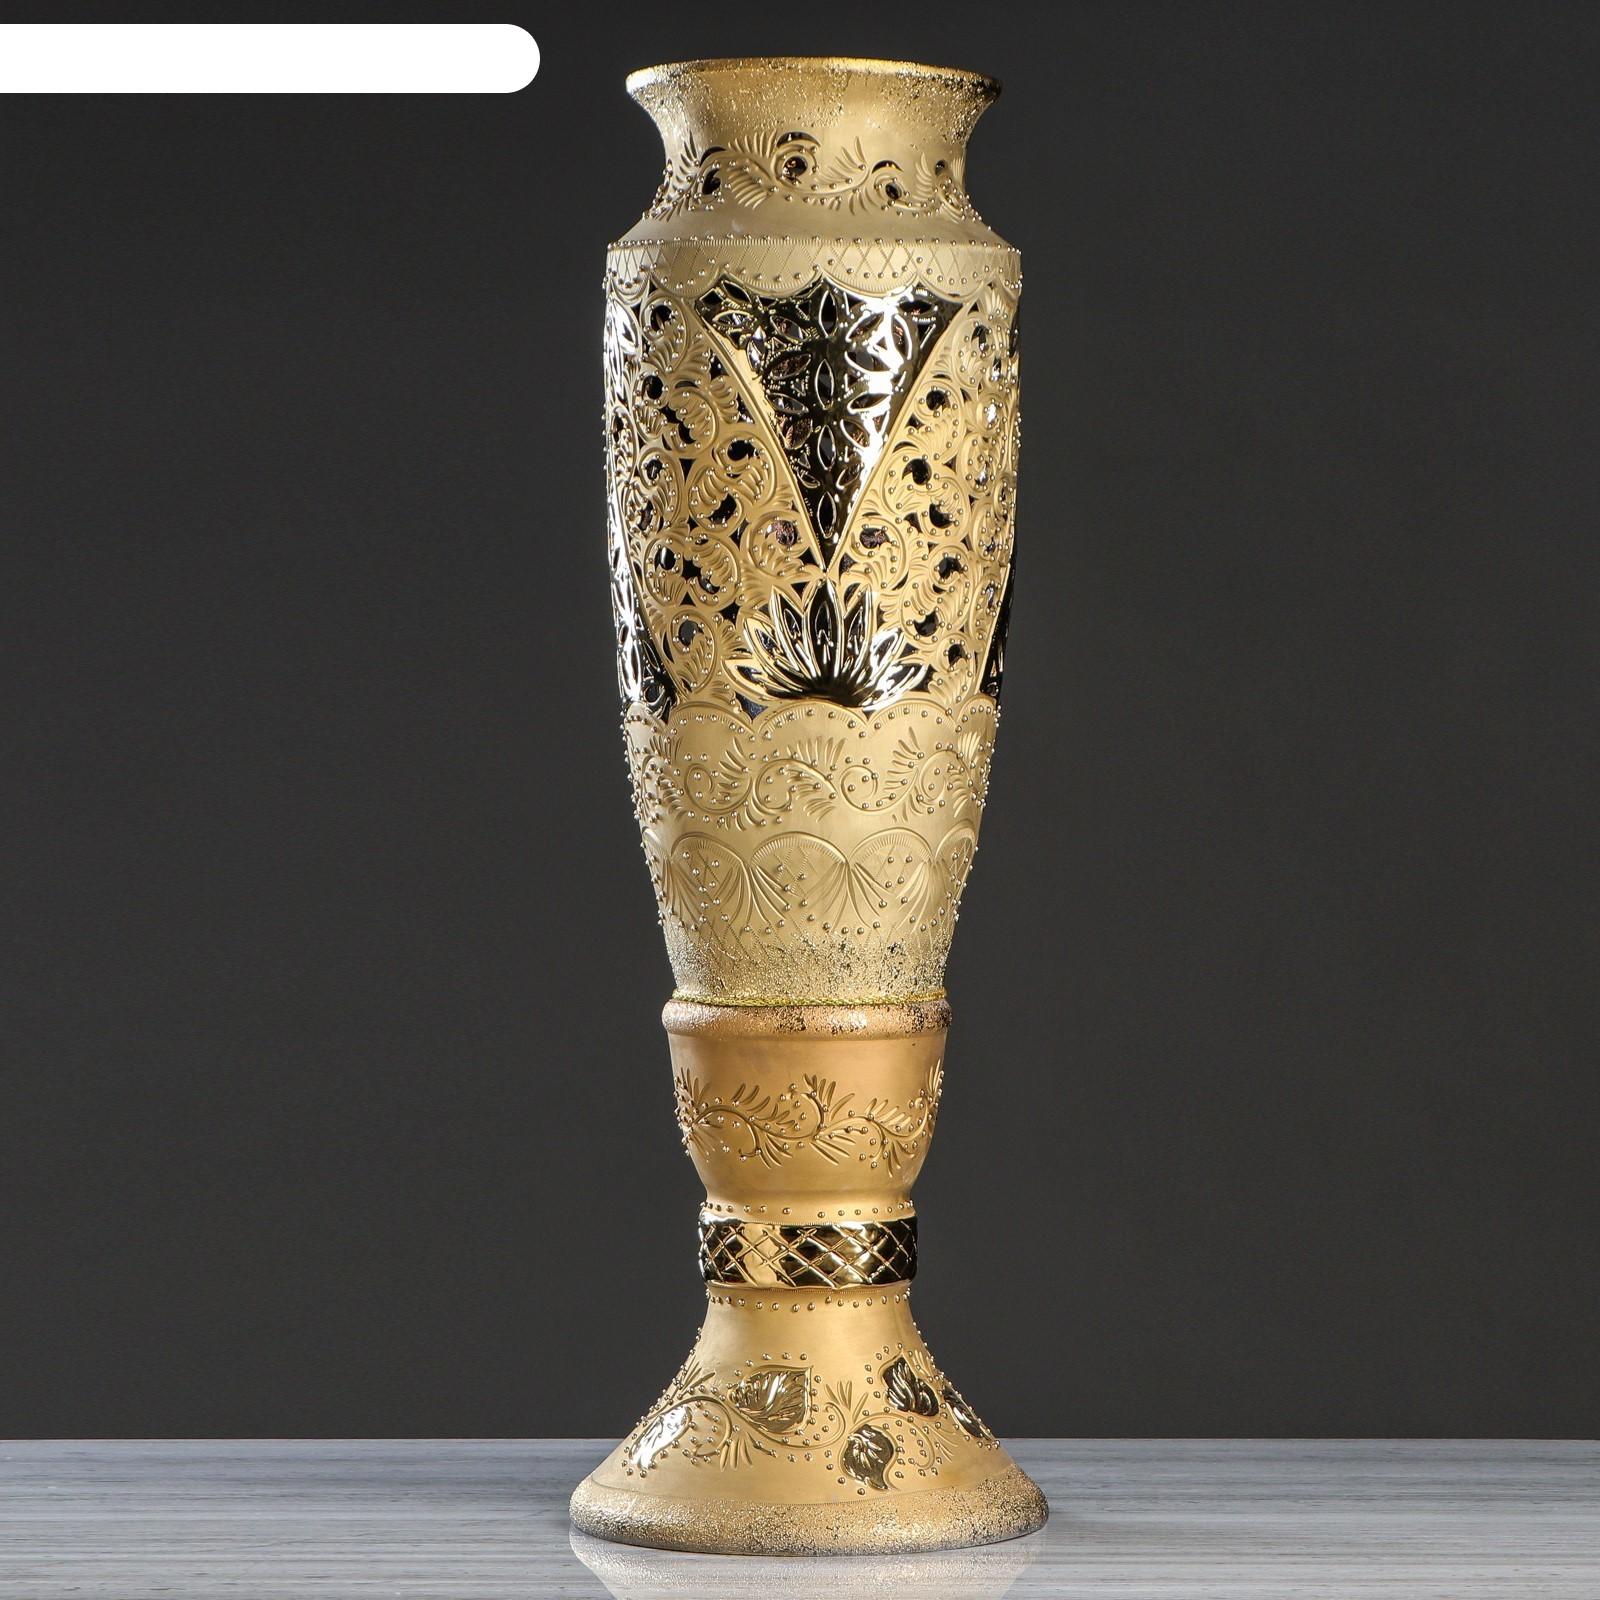 Ваза напольная вентария резка, золото, 106 см (1769554) купить в интернет магазине Бельведор, Москва